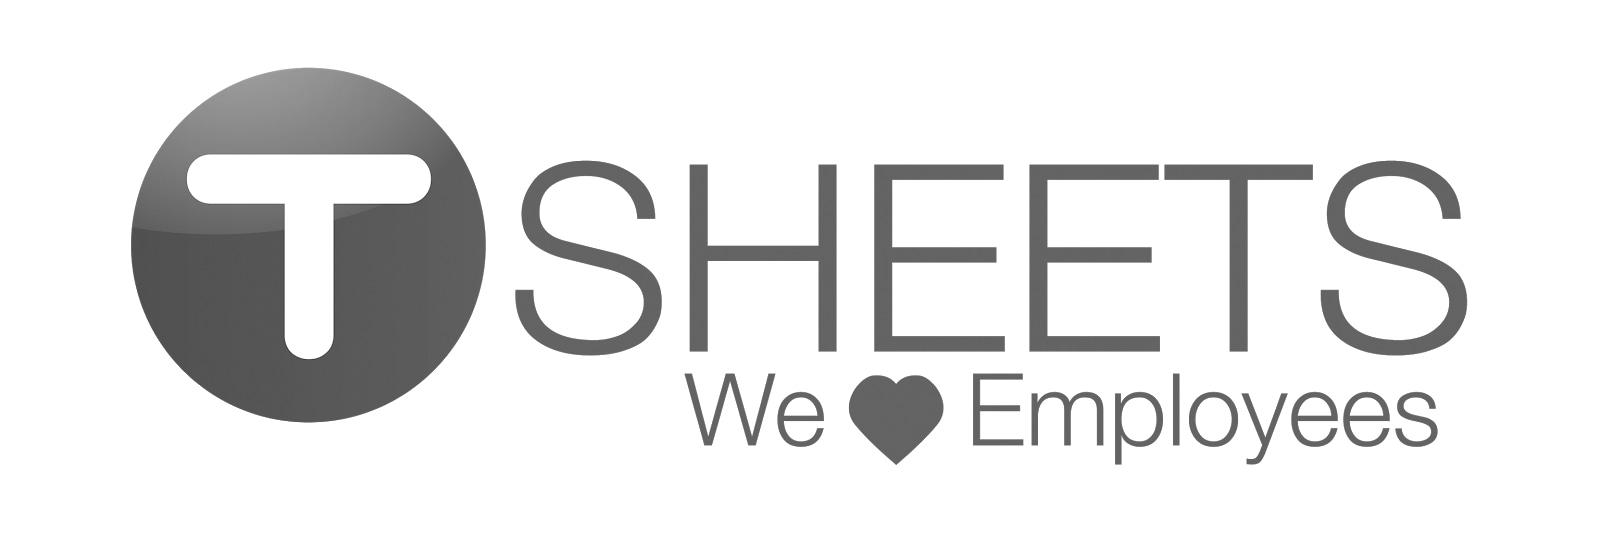 https://cdn.linkadvisors.com.au/wp-content/uploads/media/2020/01/tsheets_logo.jpg